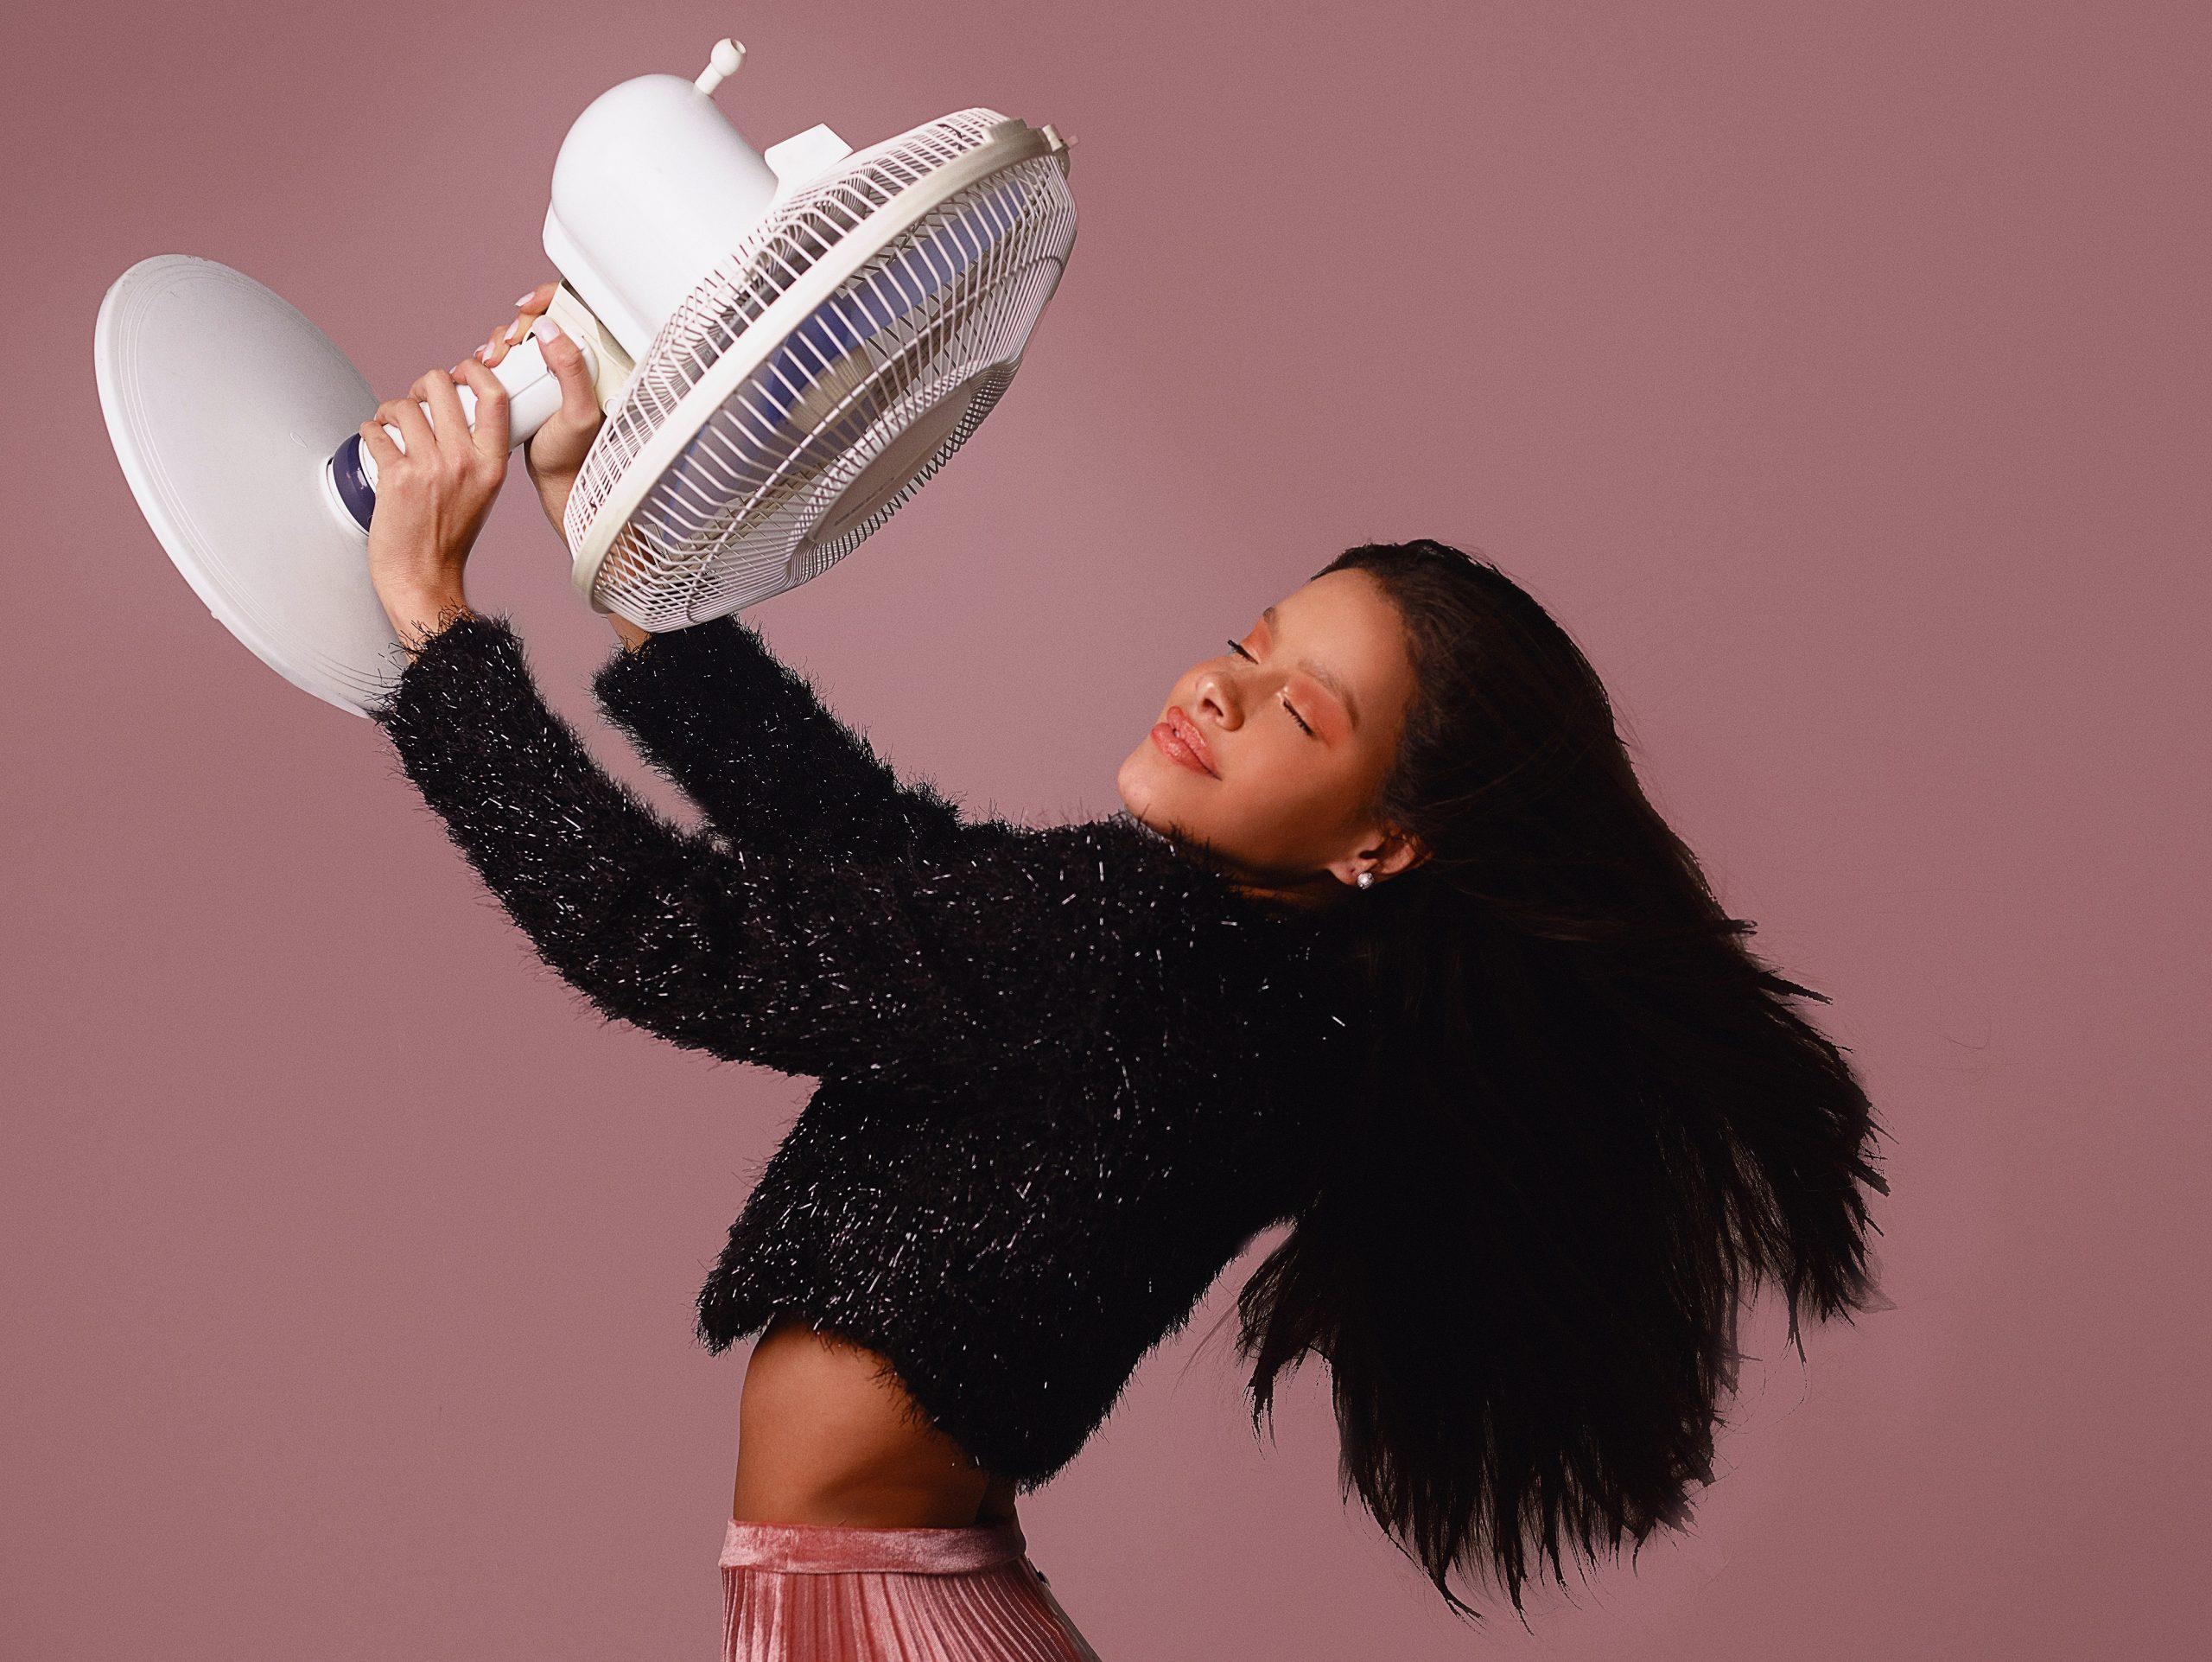 Mujer sosteniendo ventilador